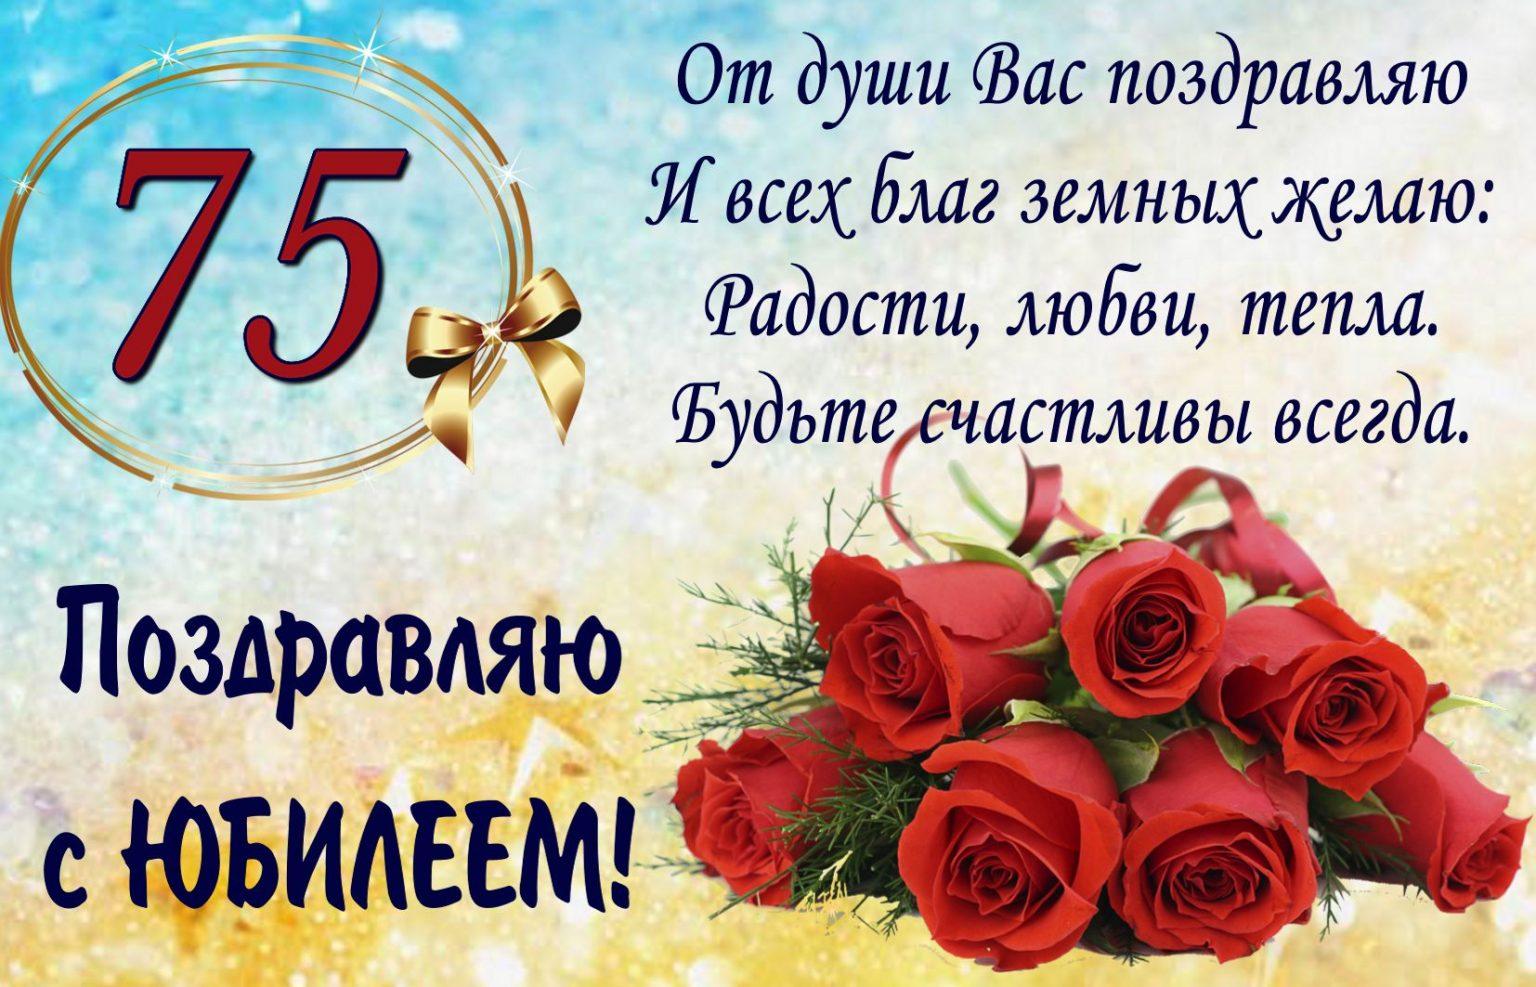 Поздравления юбилей день рождения 75 лет